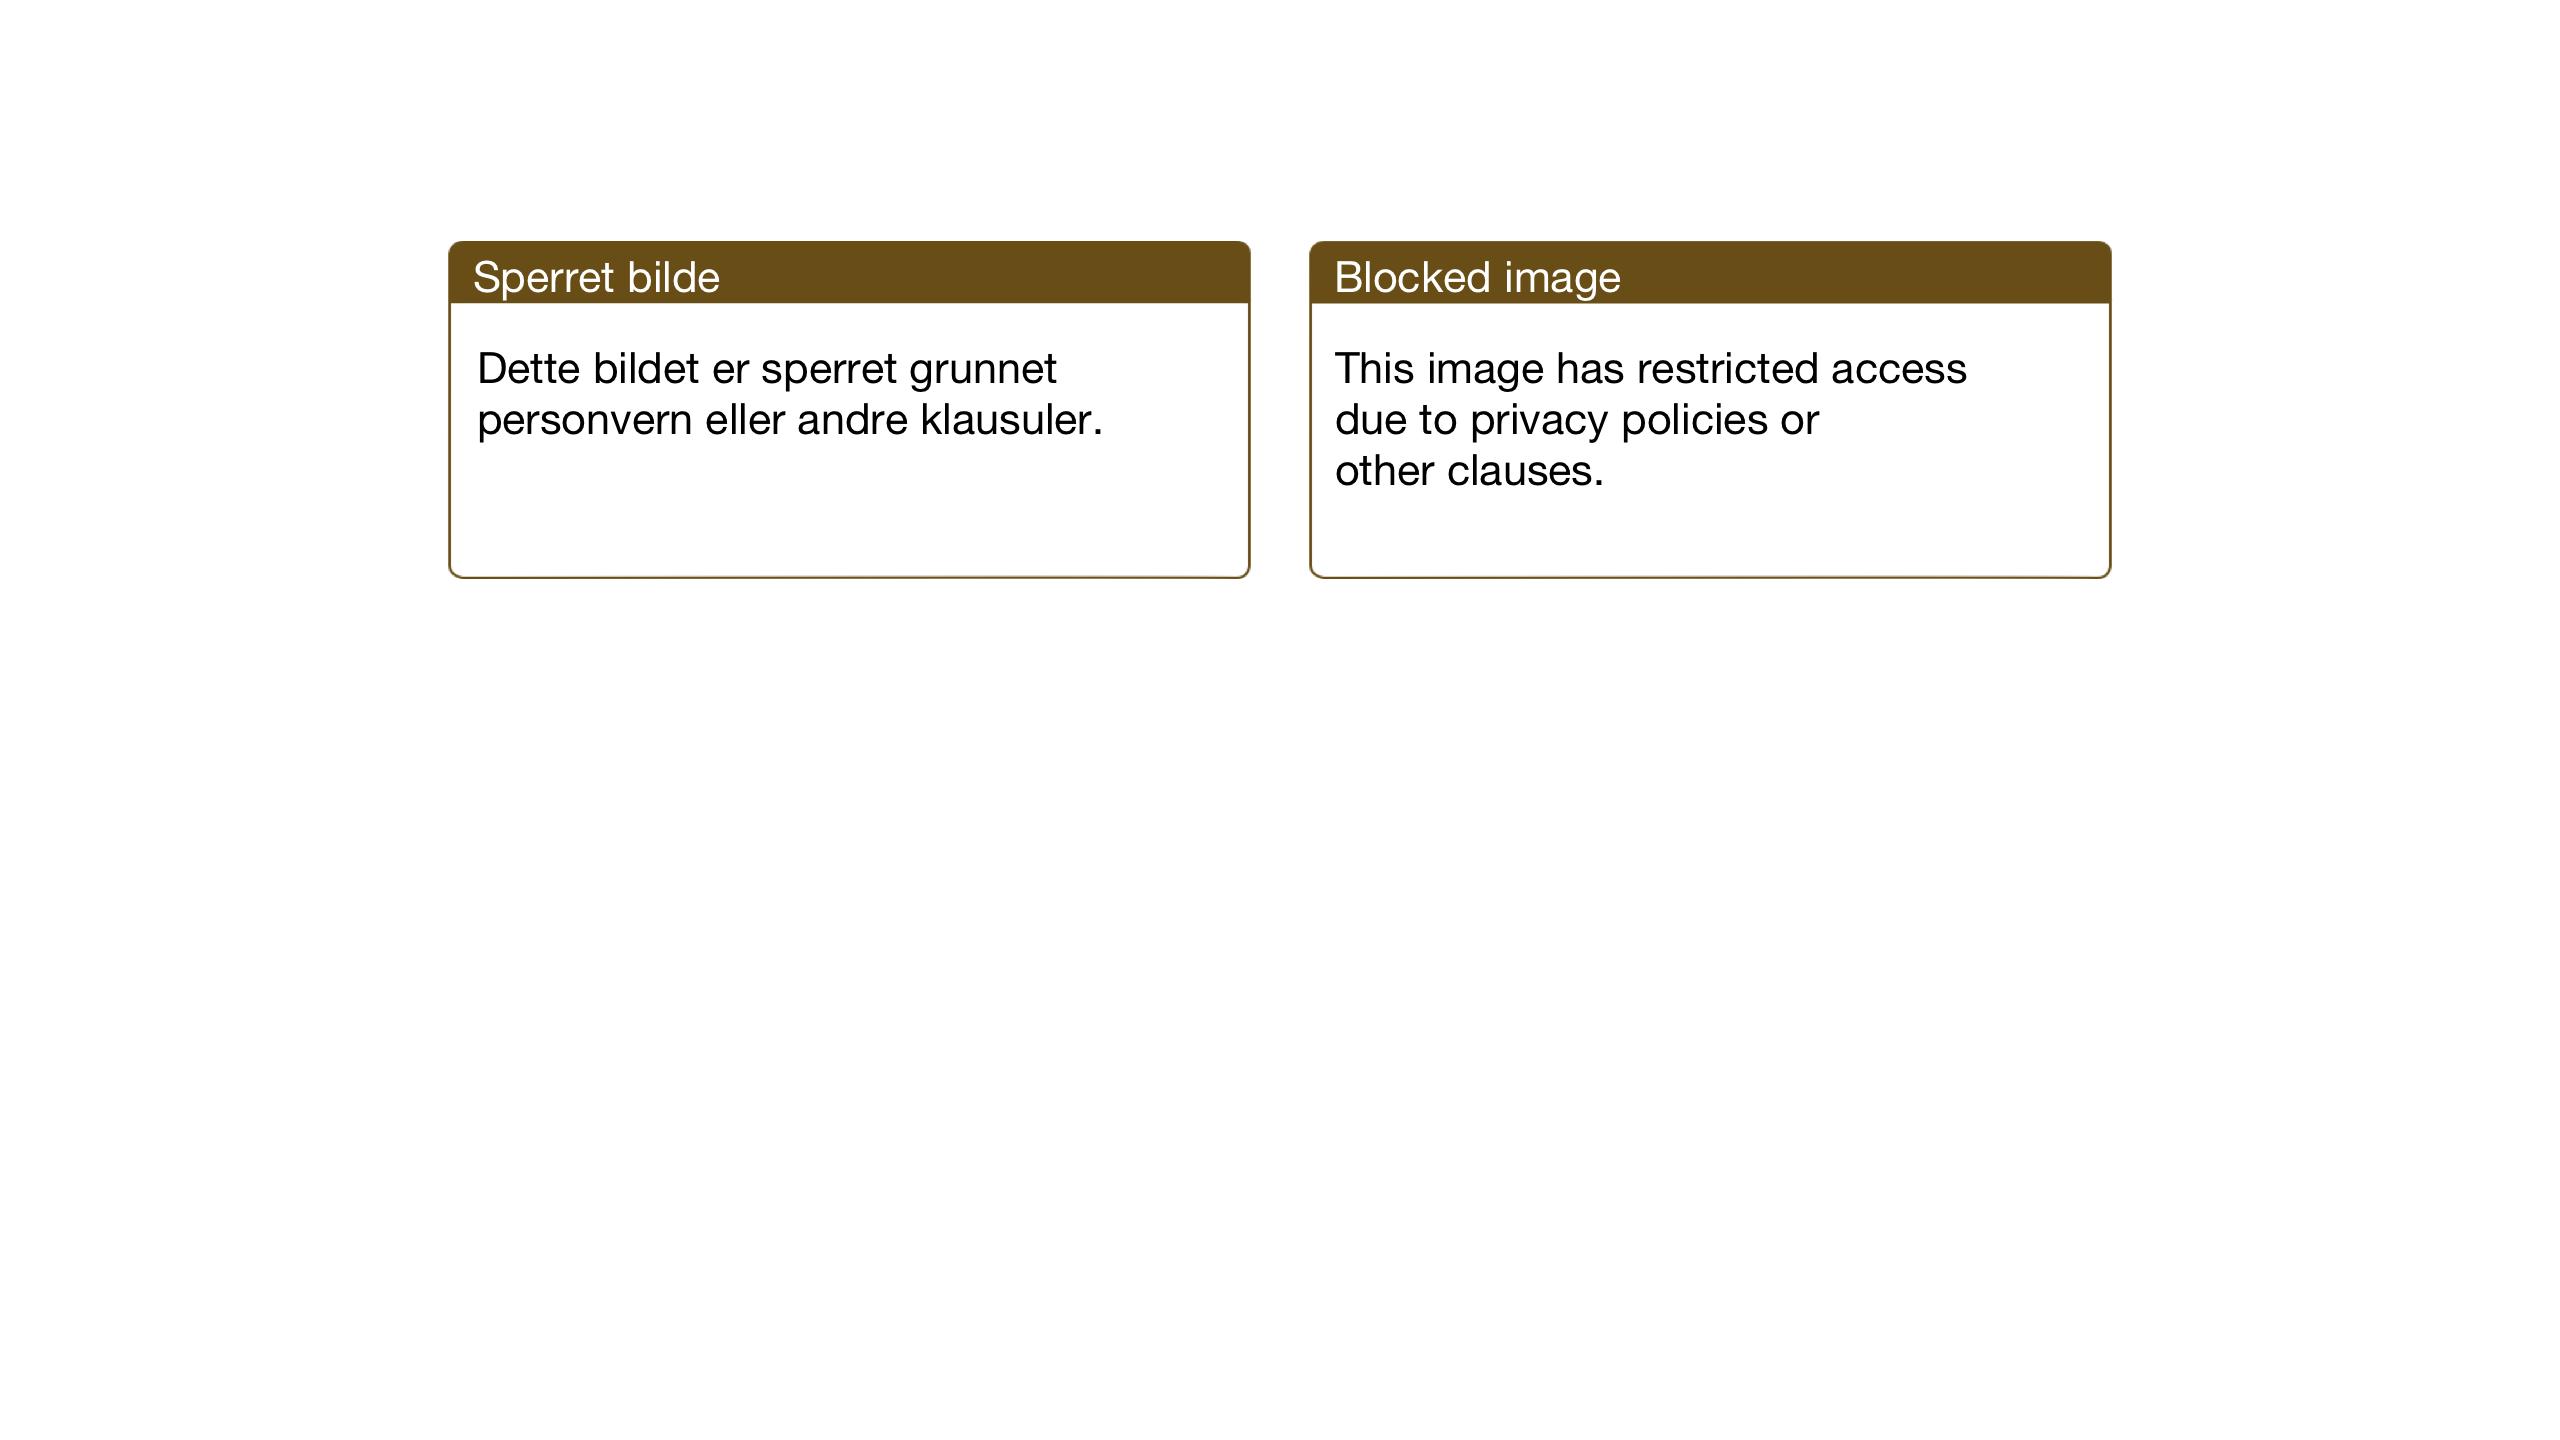 SAT, Ministerialprotokoller, klokkerbøker og fødselsregistre - Sør-Trøndelag, 657/L0718: Klokkerbok nr. 657C05, 1923-1948, s. 57